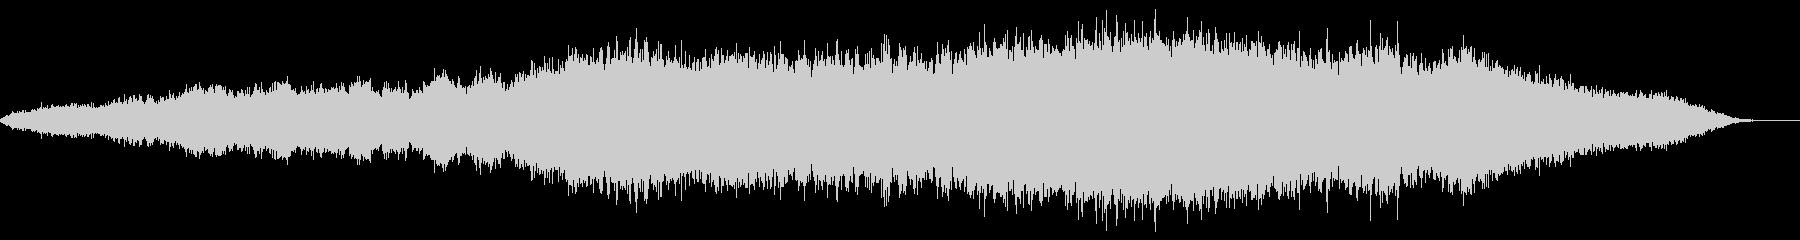 神秘的な雰囲気のアンビエント(背景音)9の未再生の波形